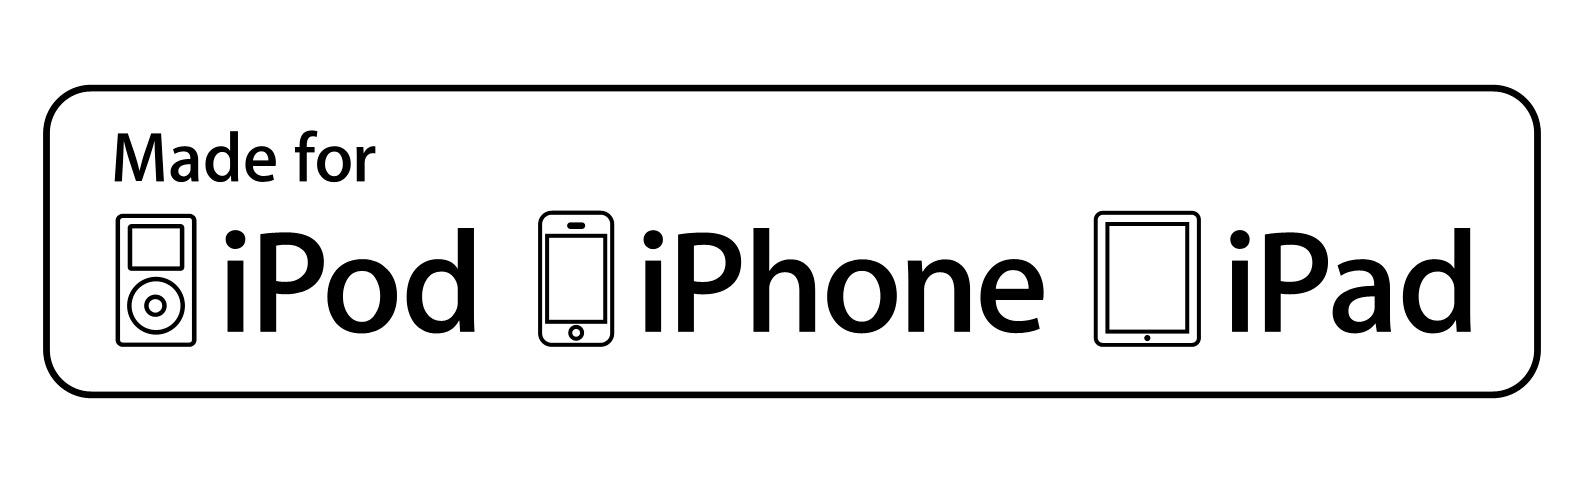 Egy korszak vége - elbúcsúzhatunk a 3.5 mm-es Jack-től? És mi az a Made-For-iPhone/iPad/iPod?